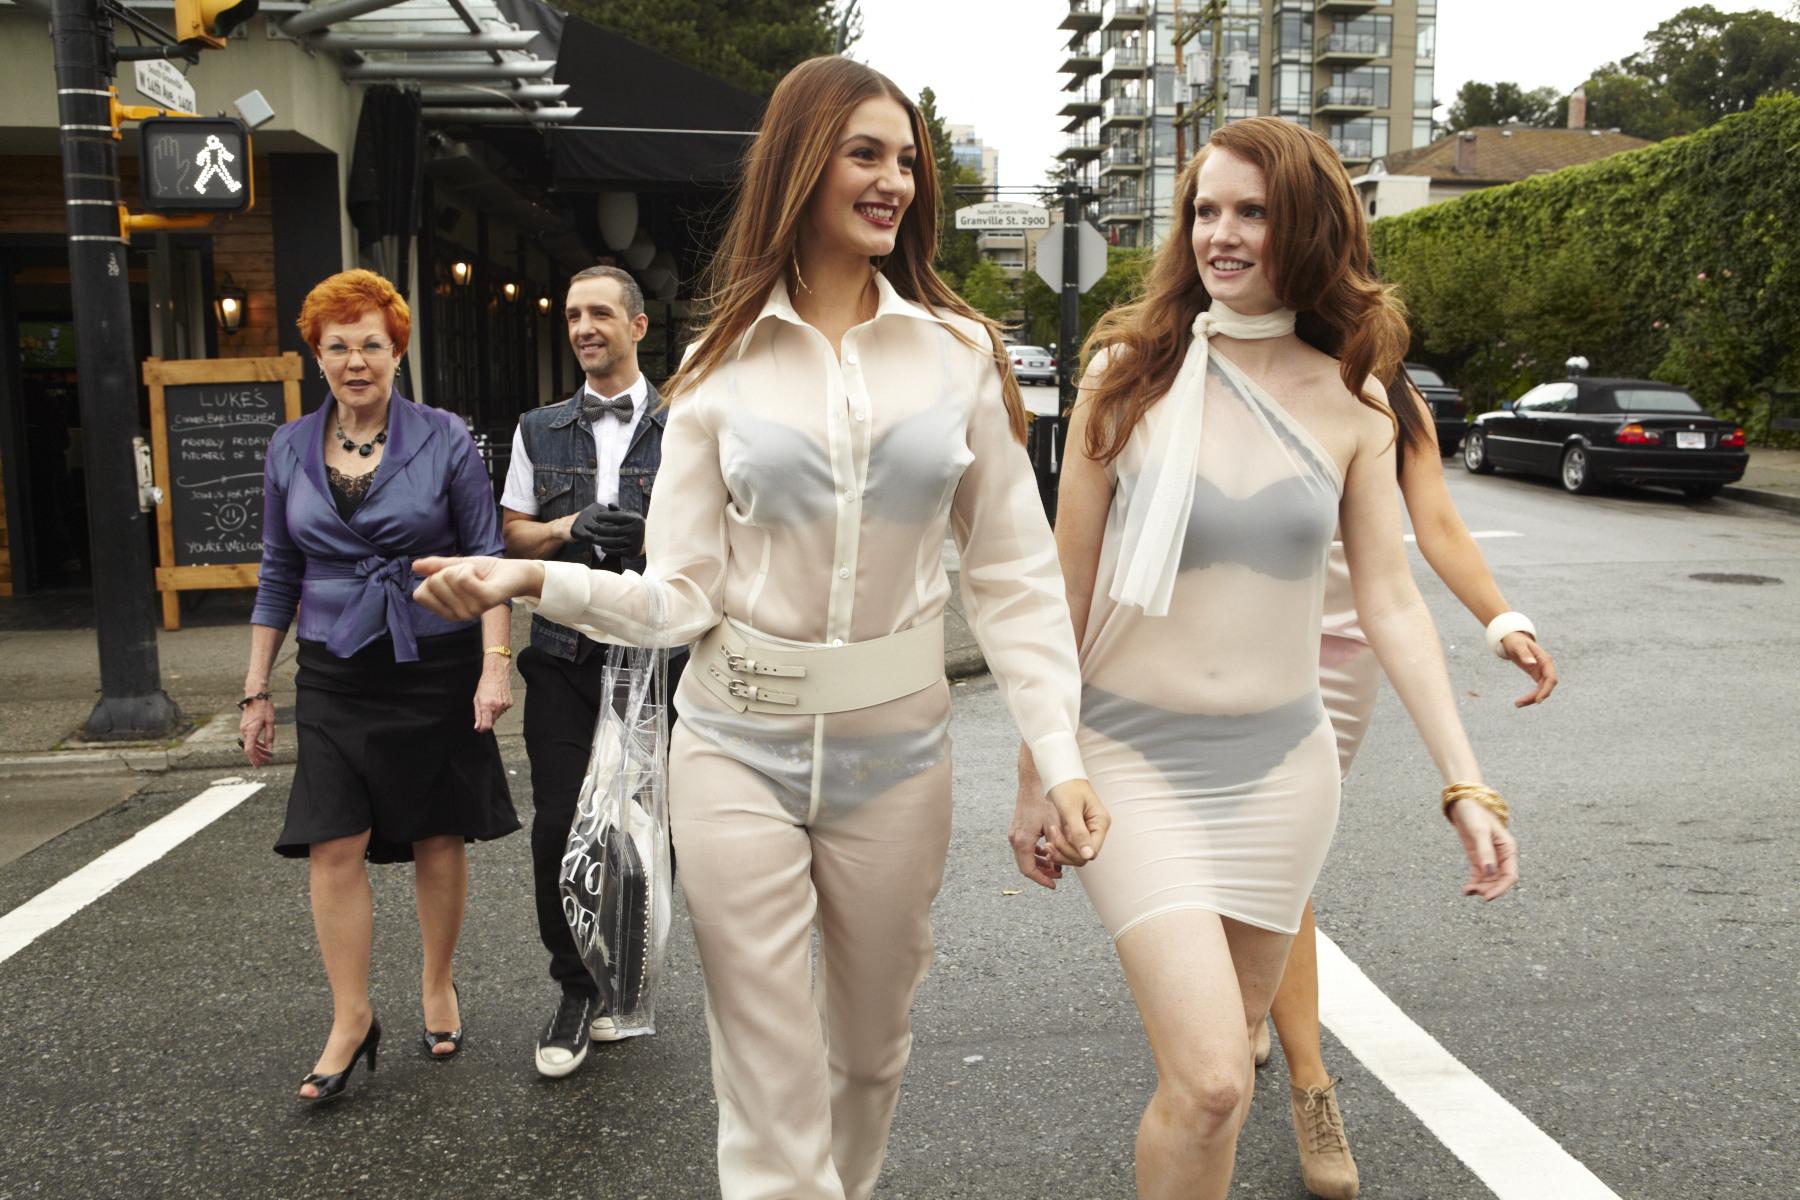 Частные фото женщин в прозрачном нижнем белье фото 21 фотография